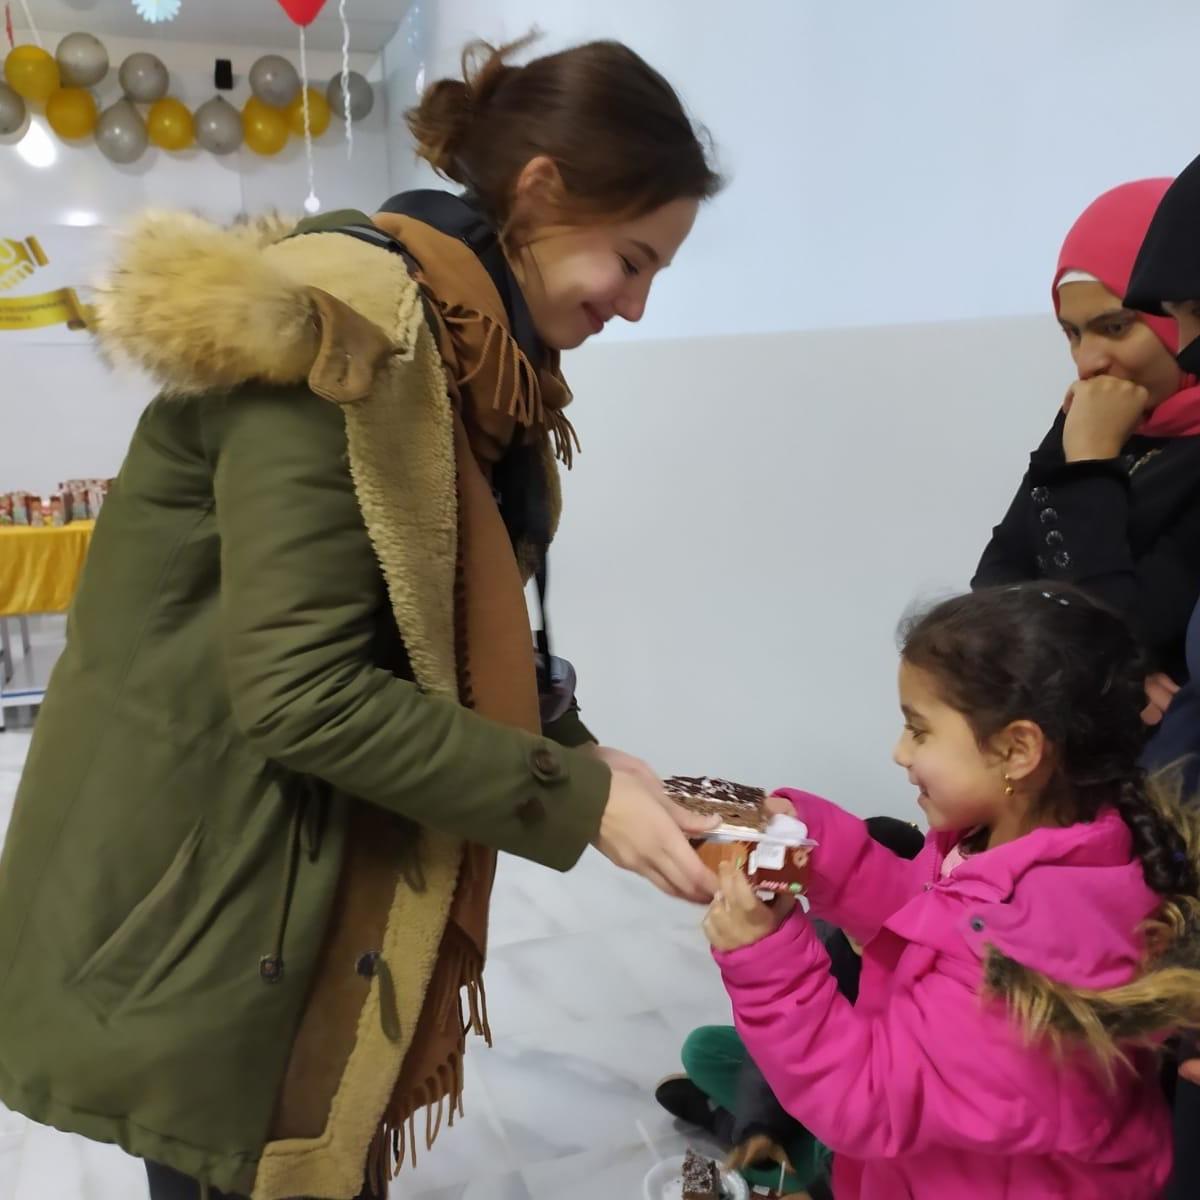 Il Natale dei bambini siriani ospiti della città turca di Kilis